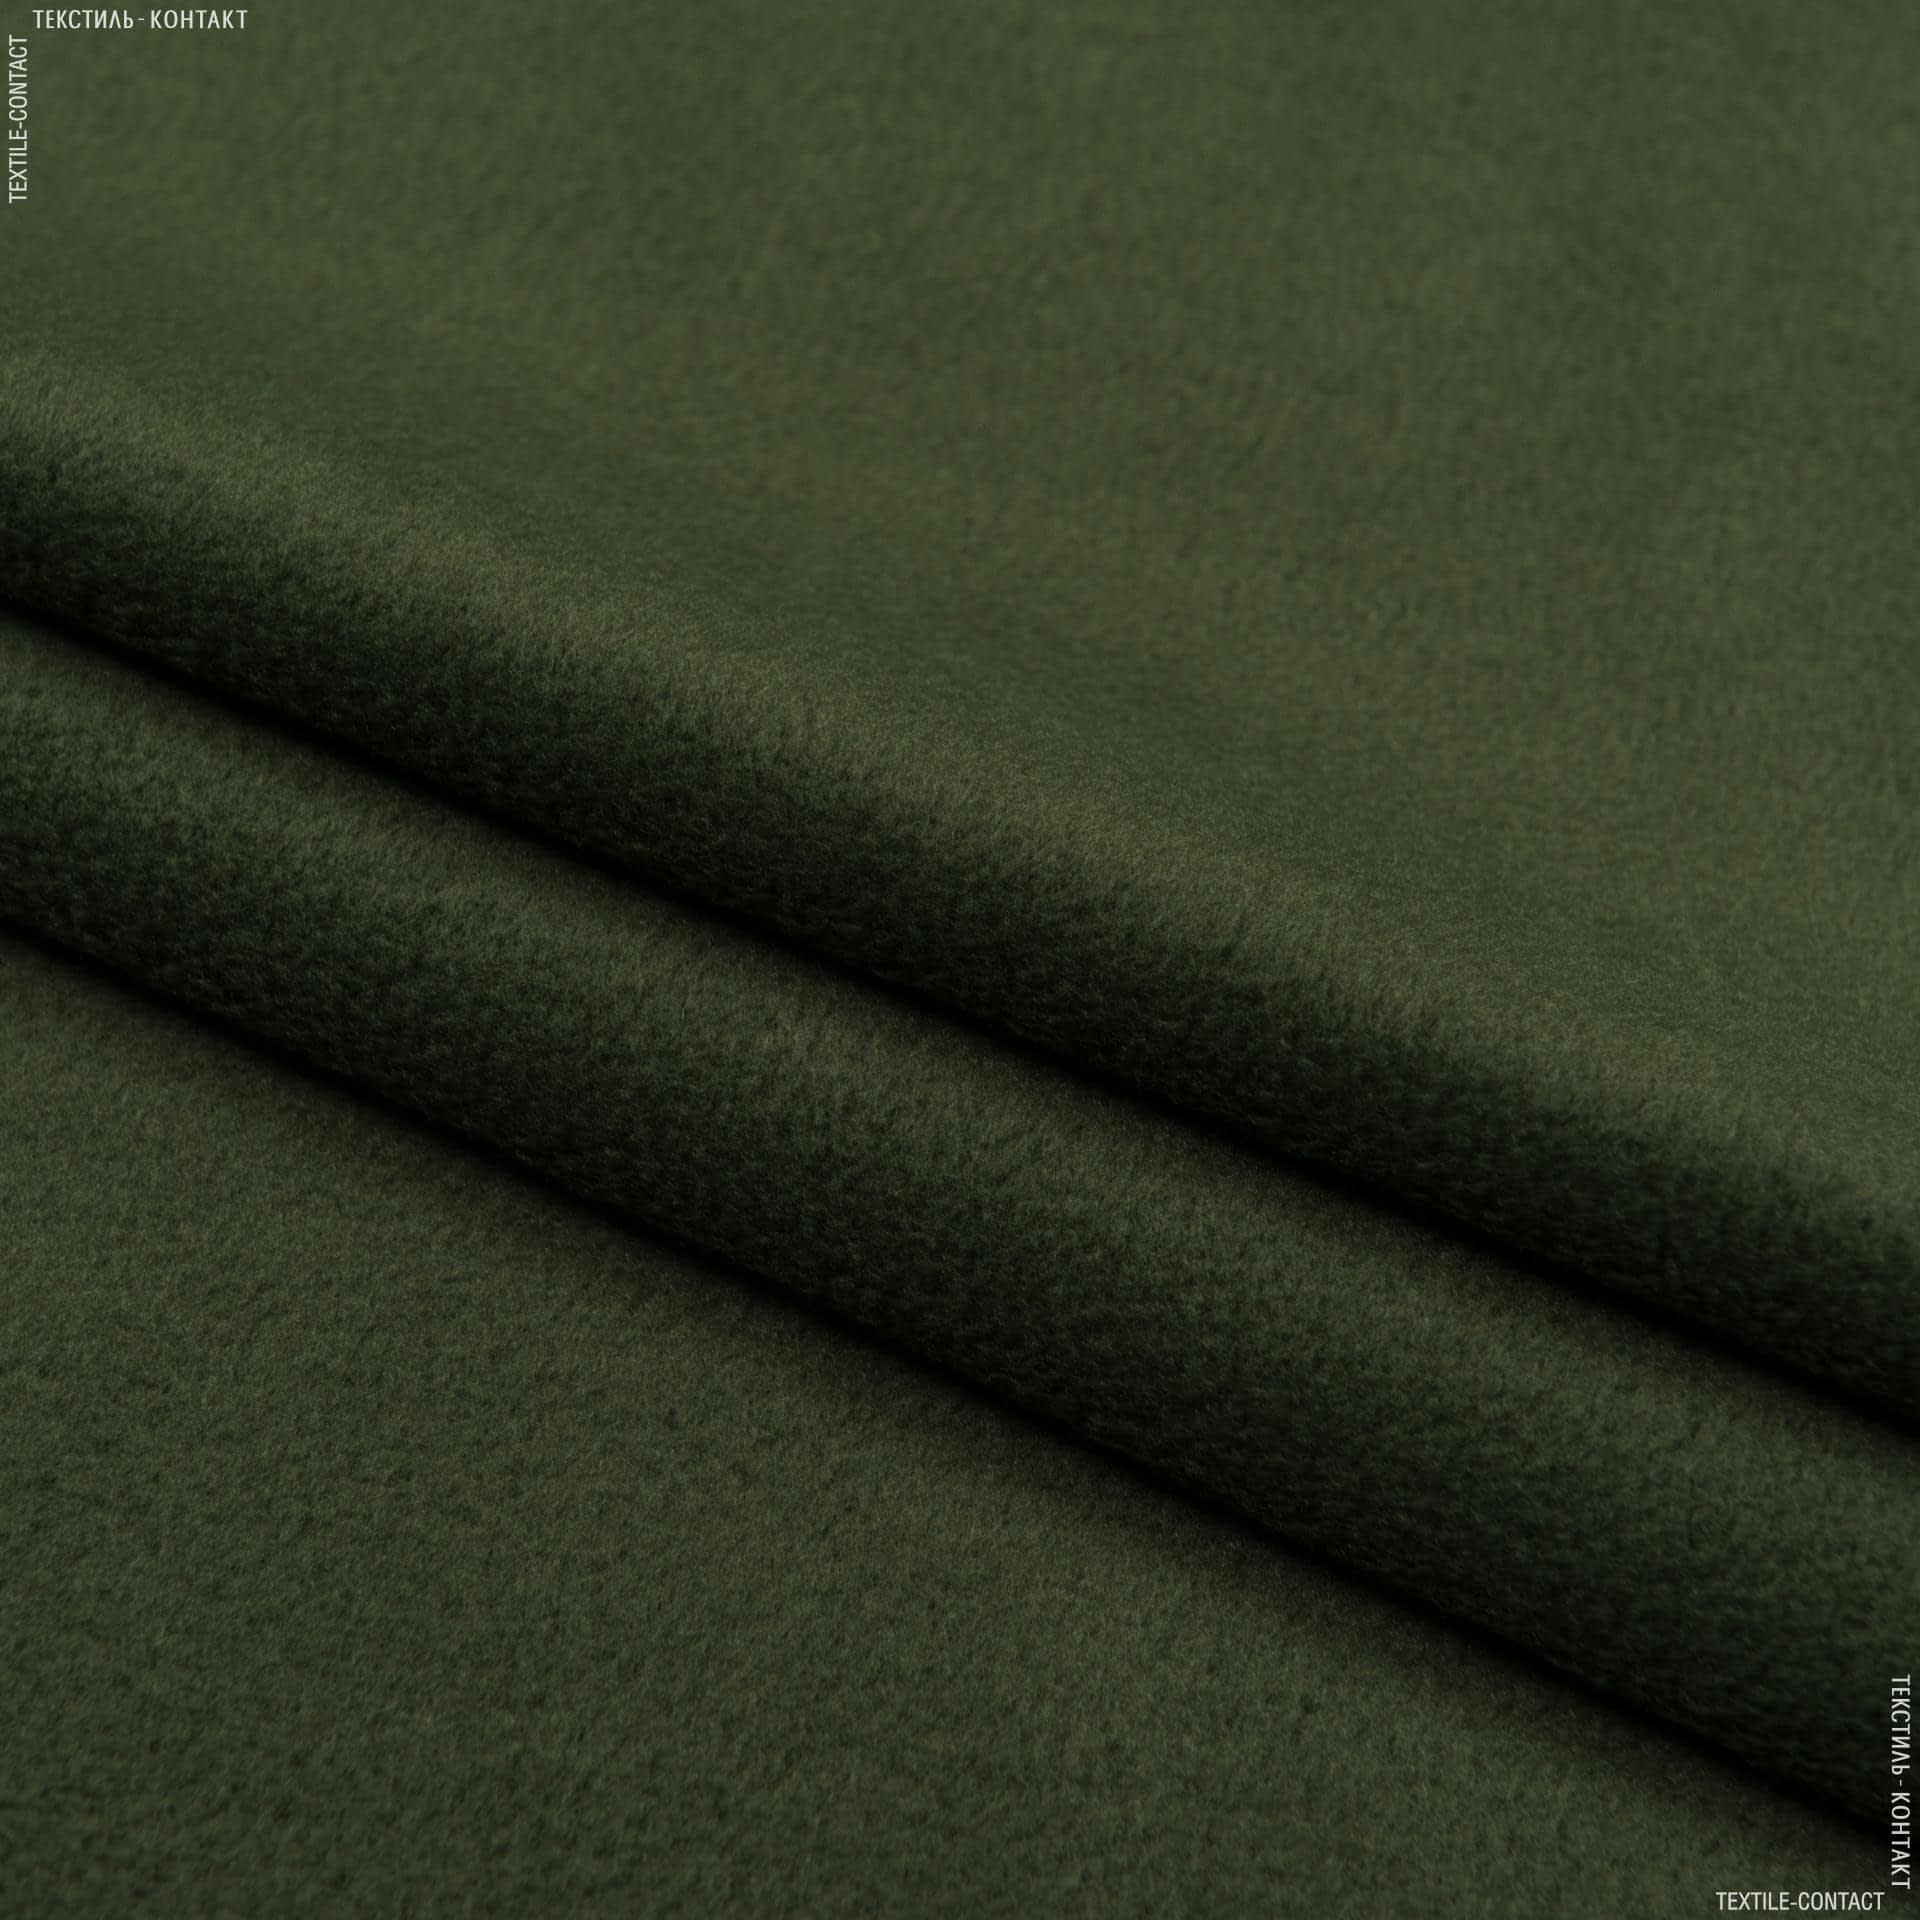 Ткани для спортивной одежды - Флис светлый хаки